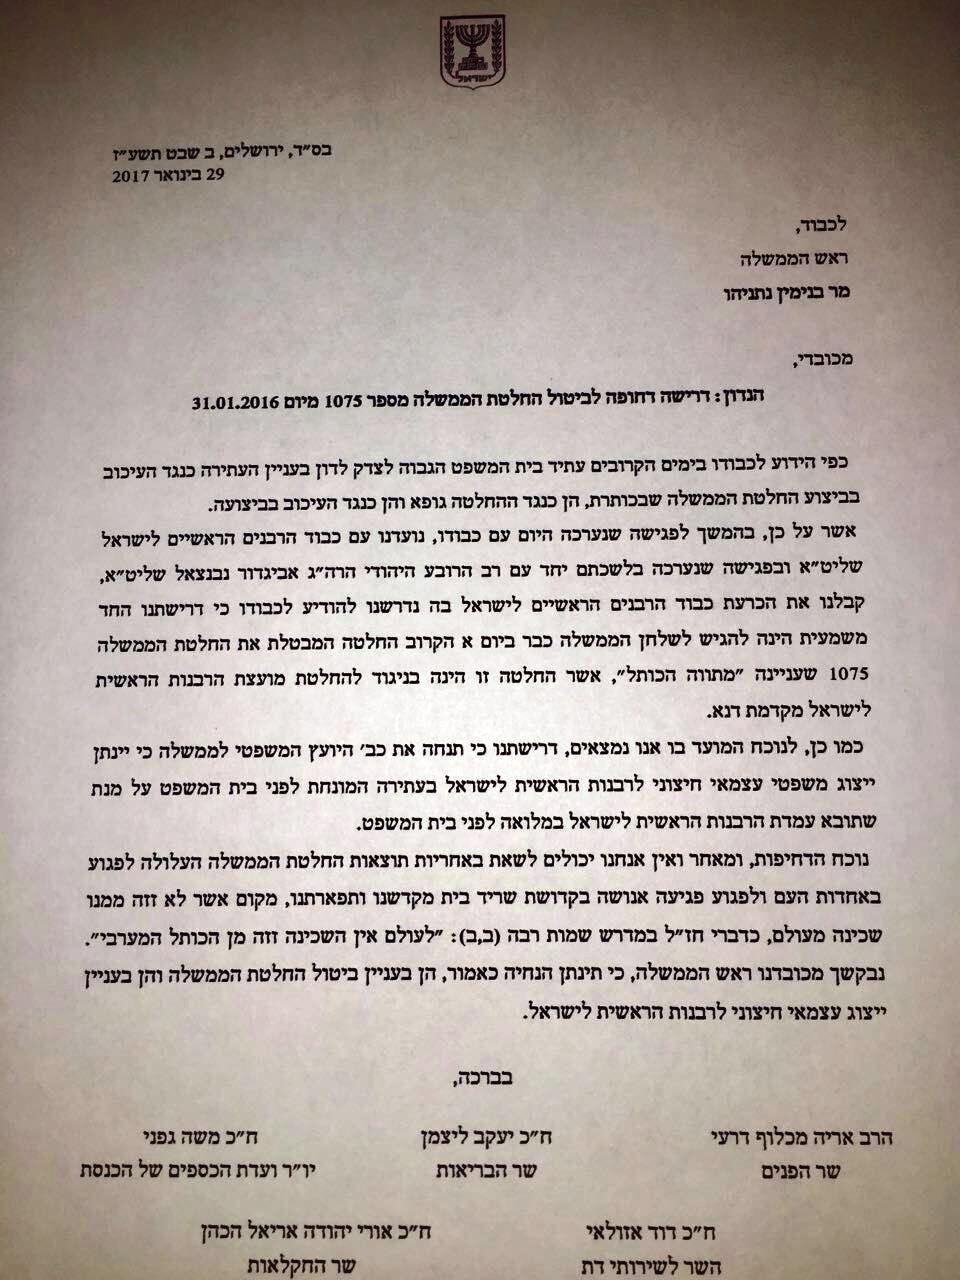 מכתב הדרישה שהועבר היום לנתניהו